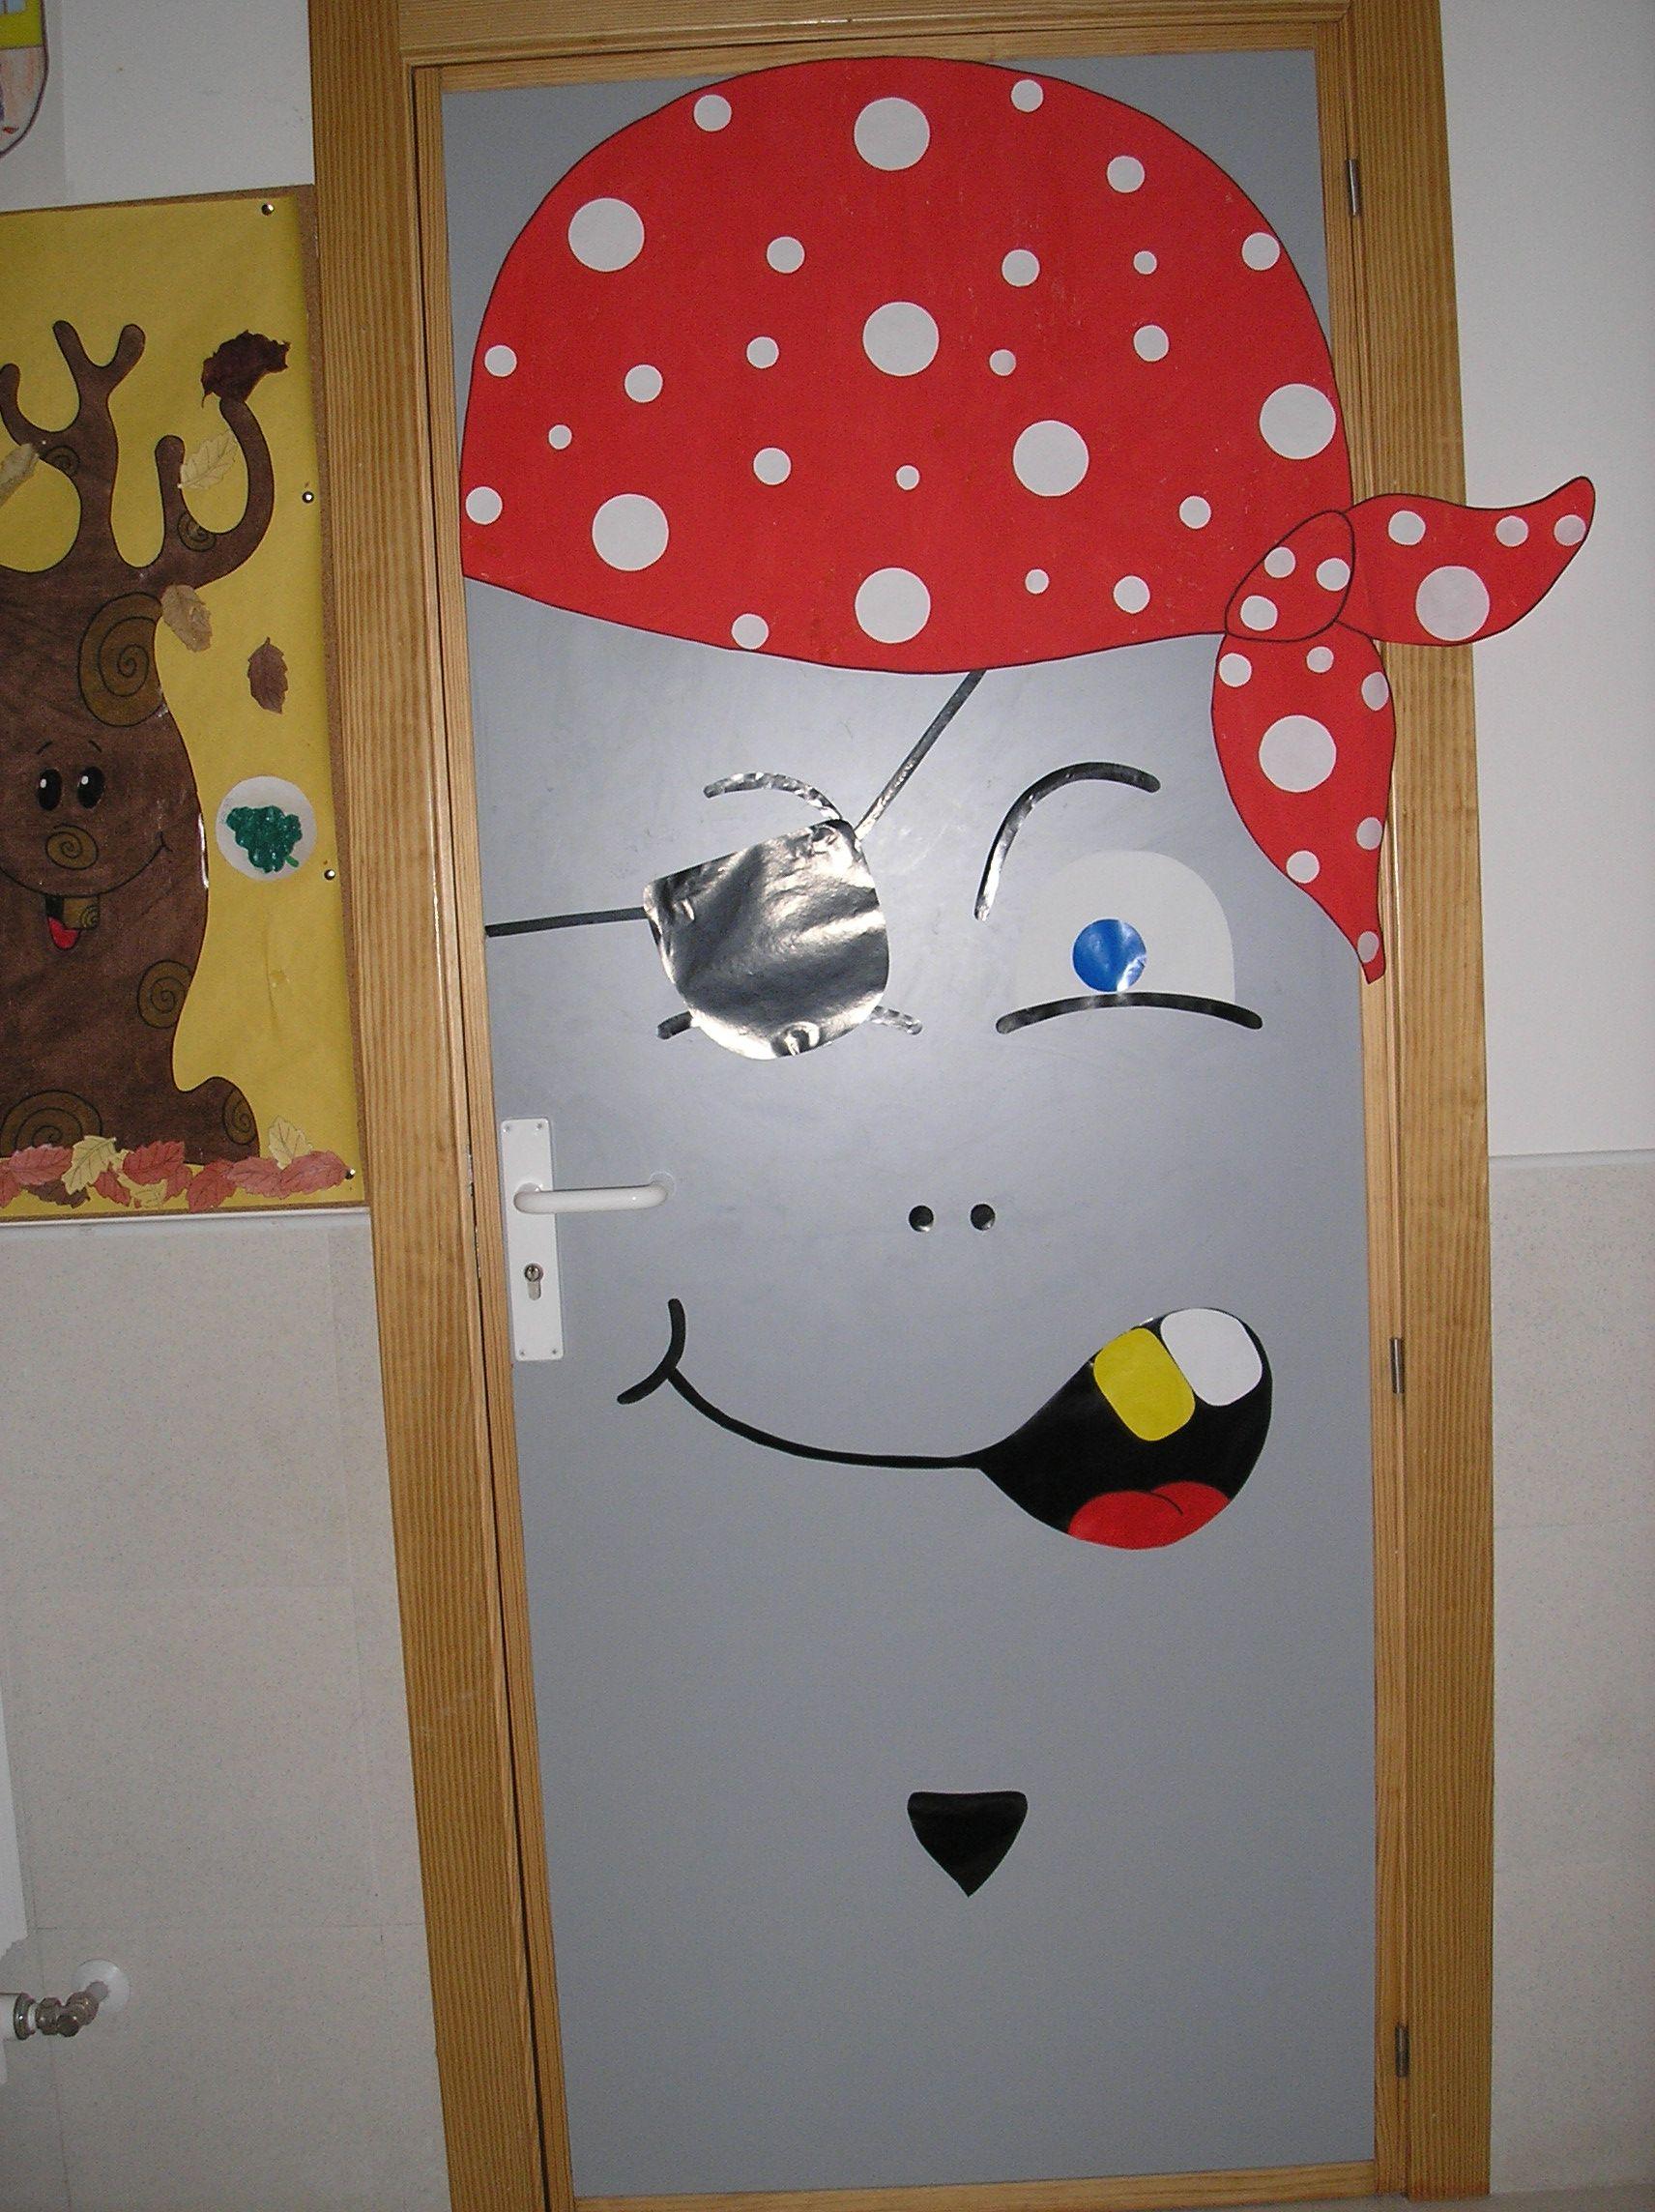 Puerta pirata inbfantil del cole de monterrubio de armu a for Decoracion puerta aula infantil